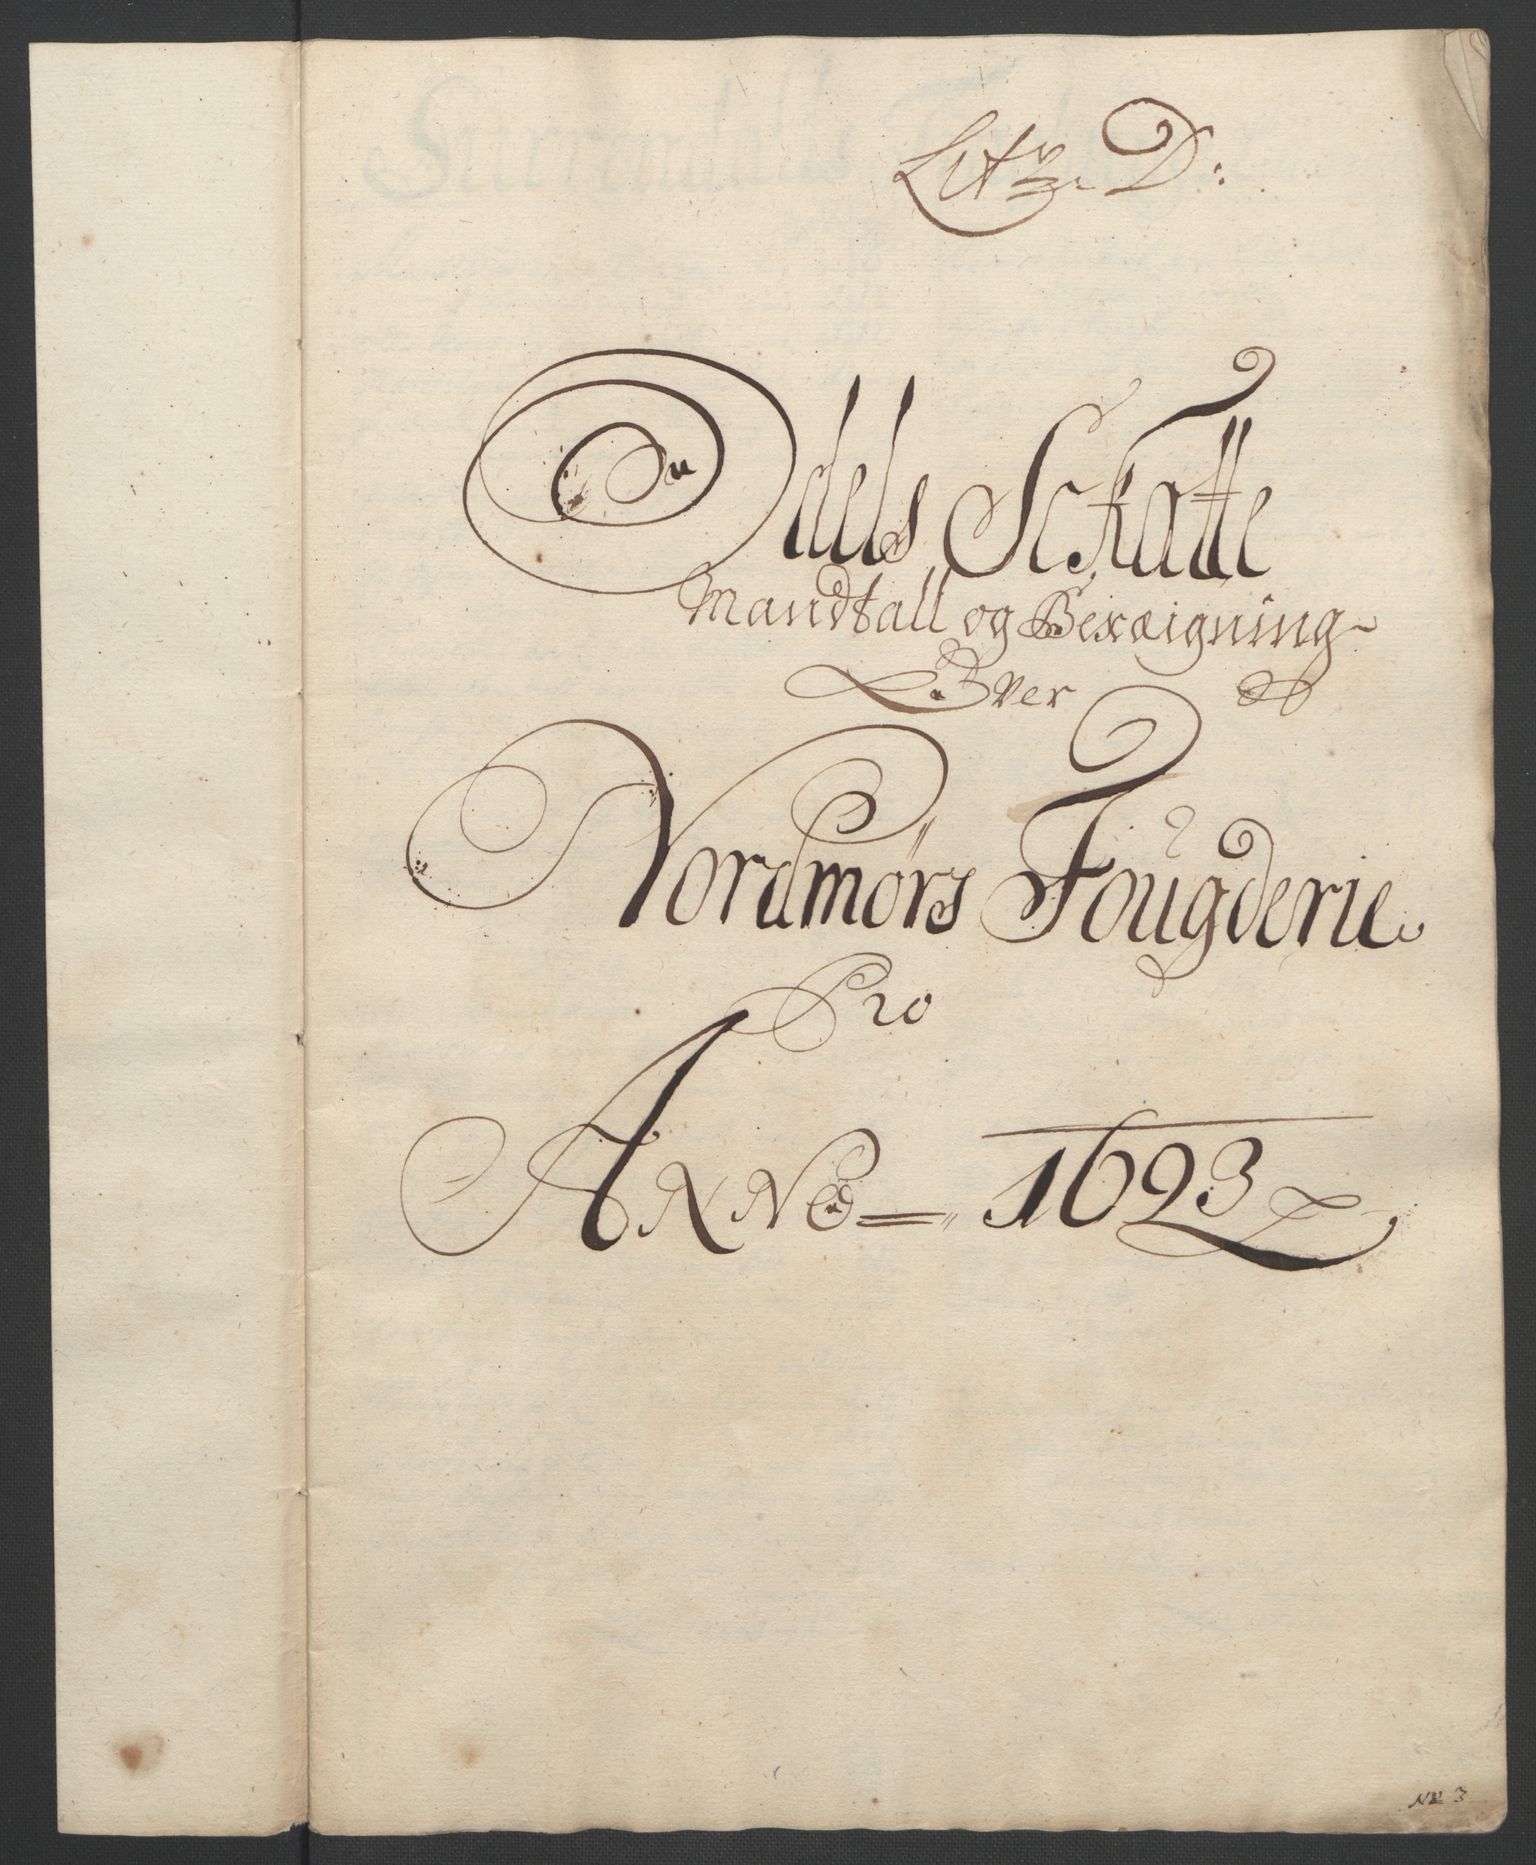 RA, Rentekammeret inntil 1814, Reviderte regnskaper, Fogderegnskap, R56/L3735: Fogderegnskap Nordmøre, 1692-1693, s. 343